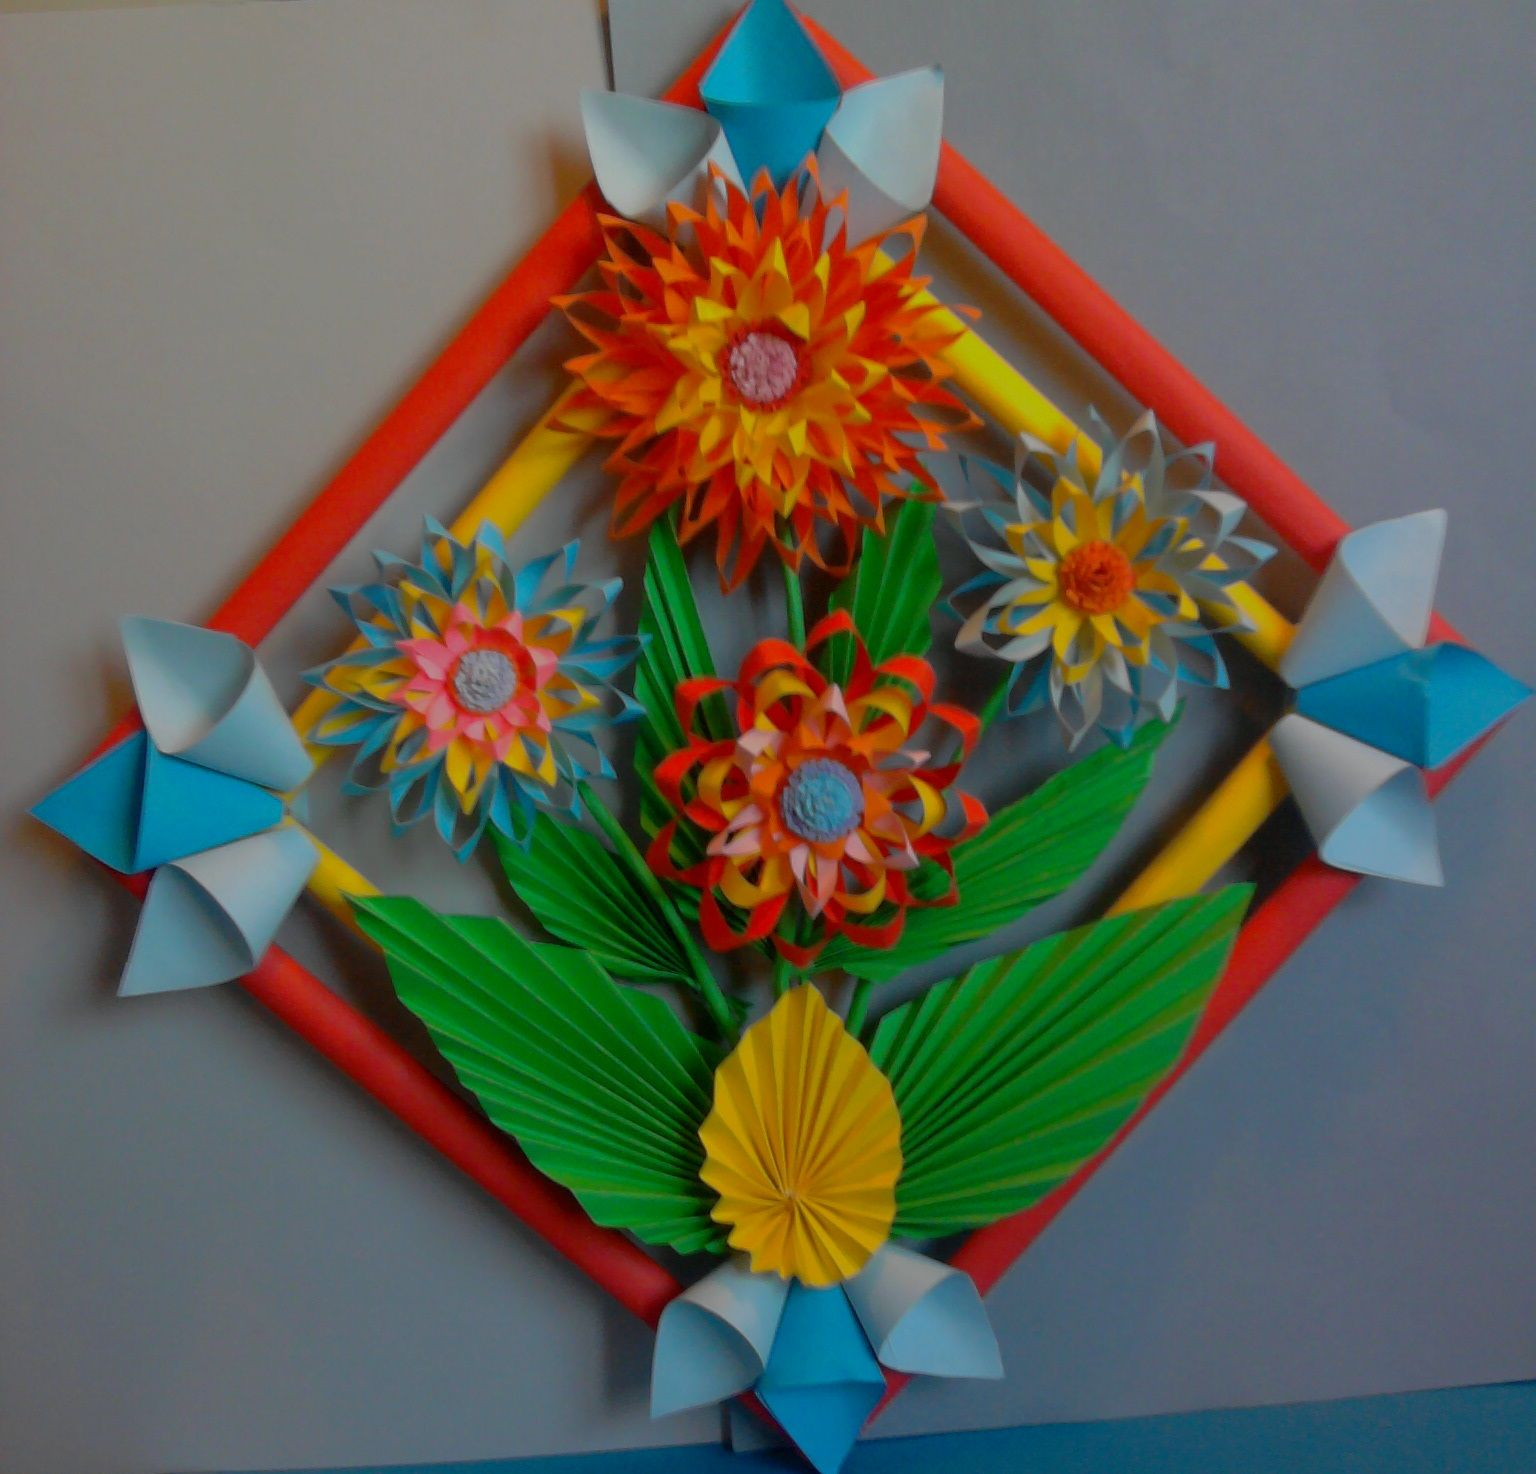 Kwiaty Z Papieru Ikebana Prace Plastyczne Dariusz Zolynski Flowers Paper Paper Flower Prace Z Papieru Crafts Paper Flowers How To Make Paper Flowers